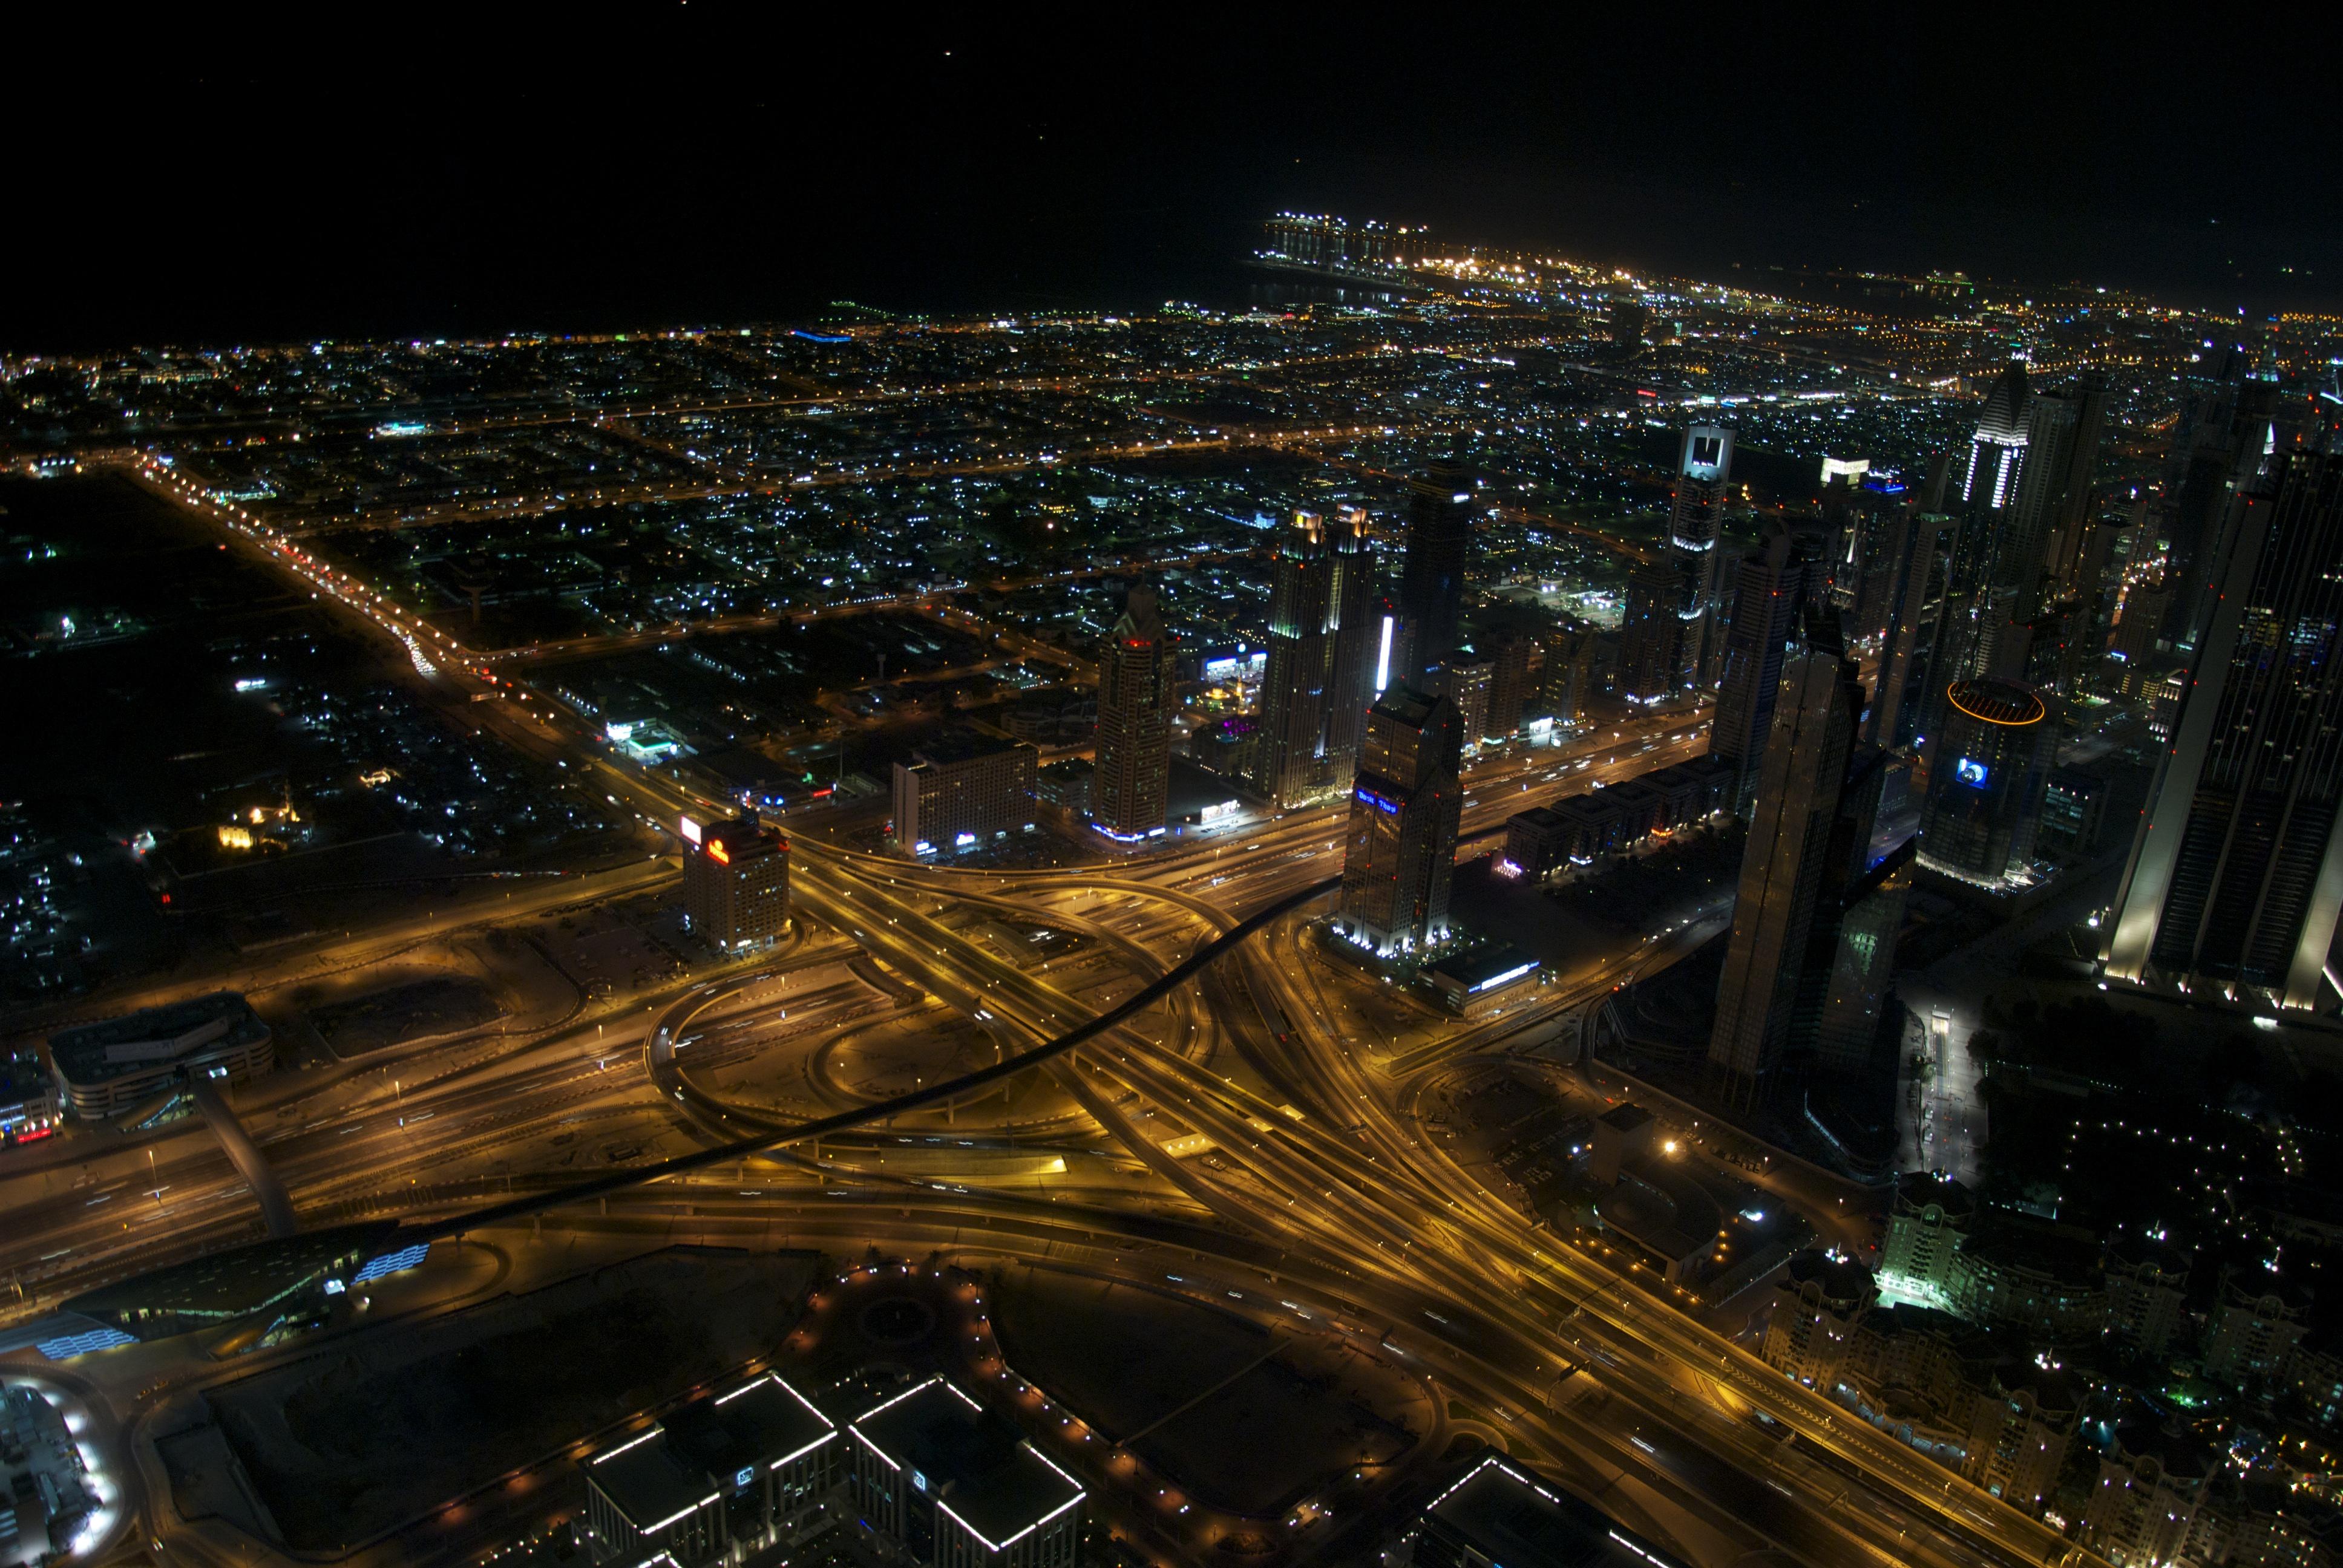 الإمارات تتصدر مؤشر النمو الشامل بالشرق الأوسط وافريقيا